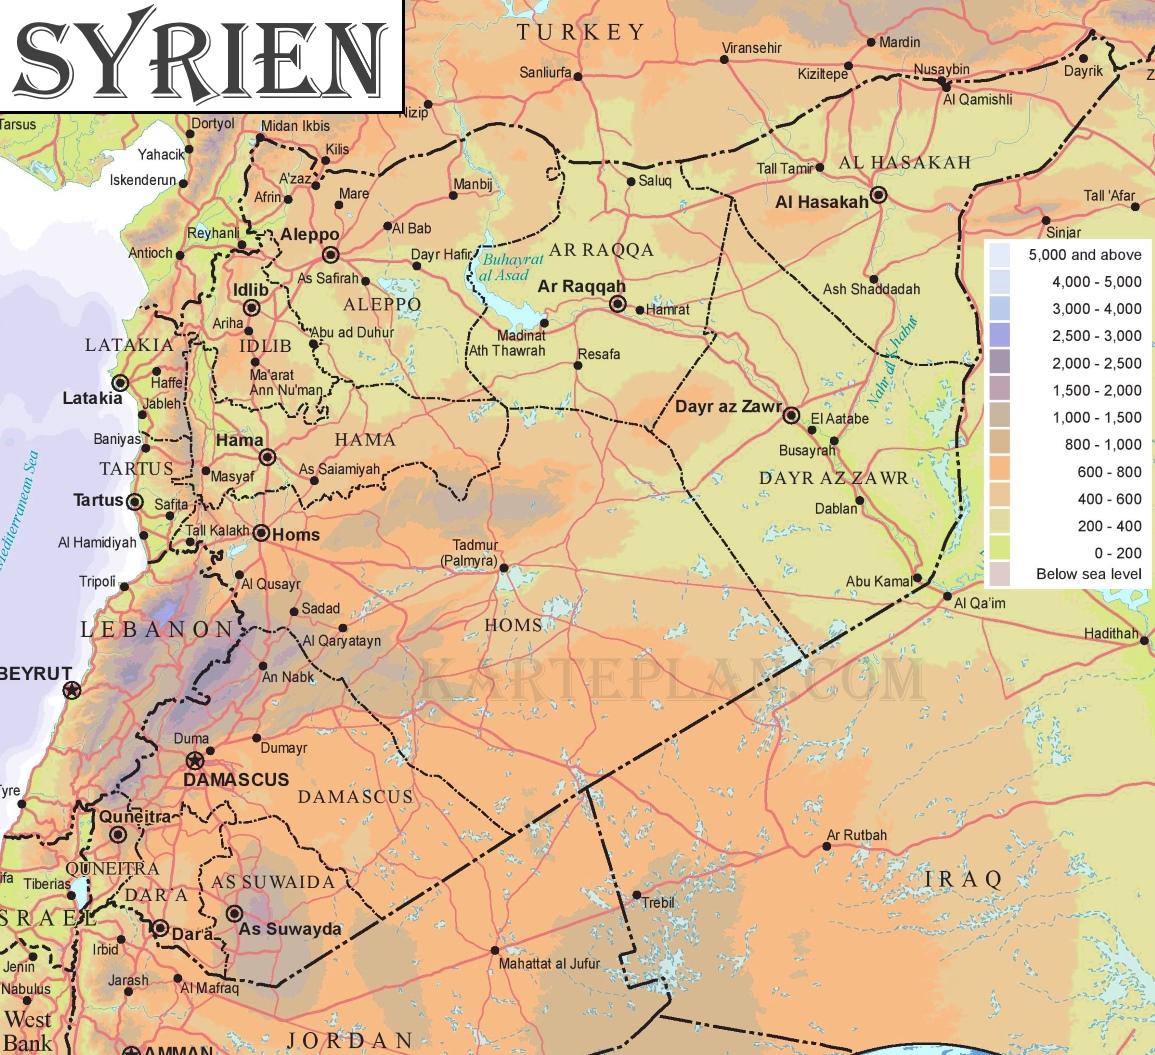 Syrien Karte Mit Städten.Physische Landkarte Von Syrien